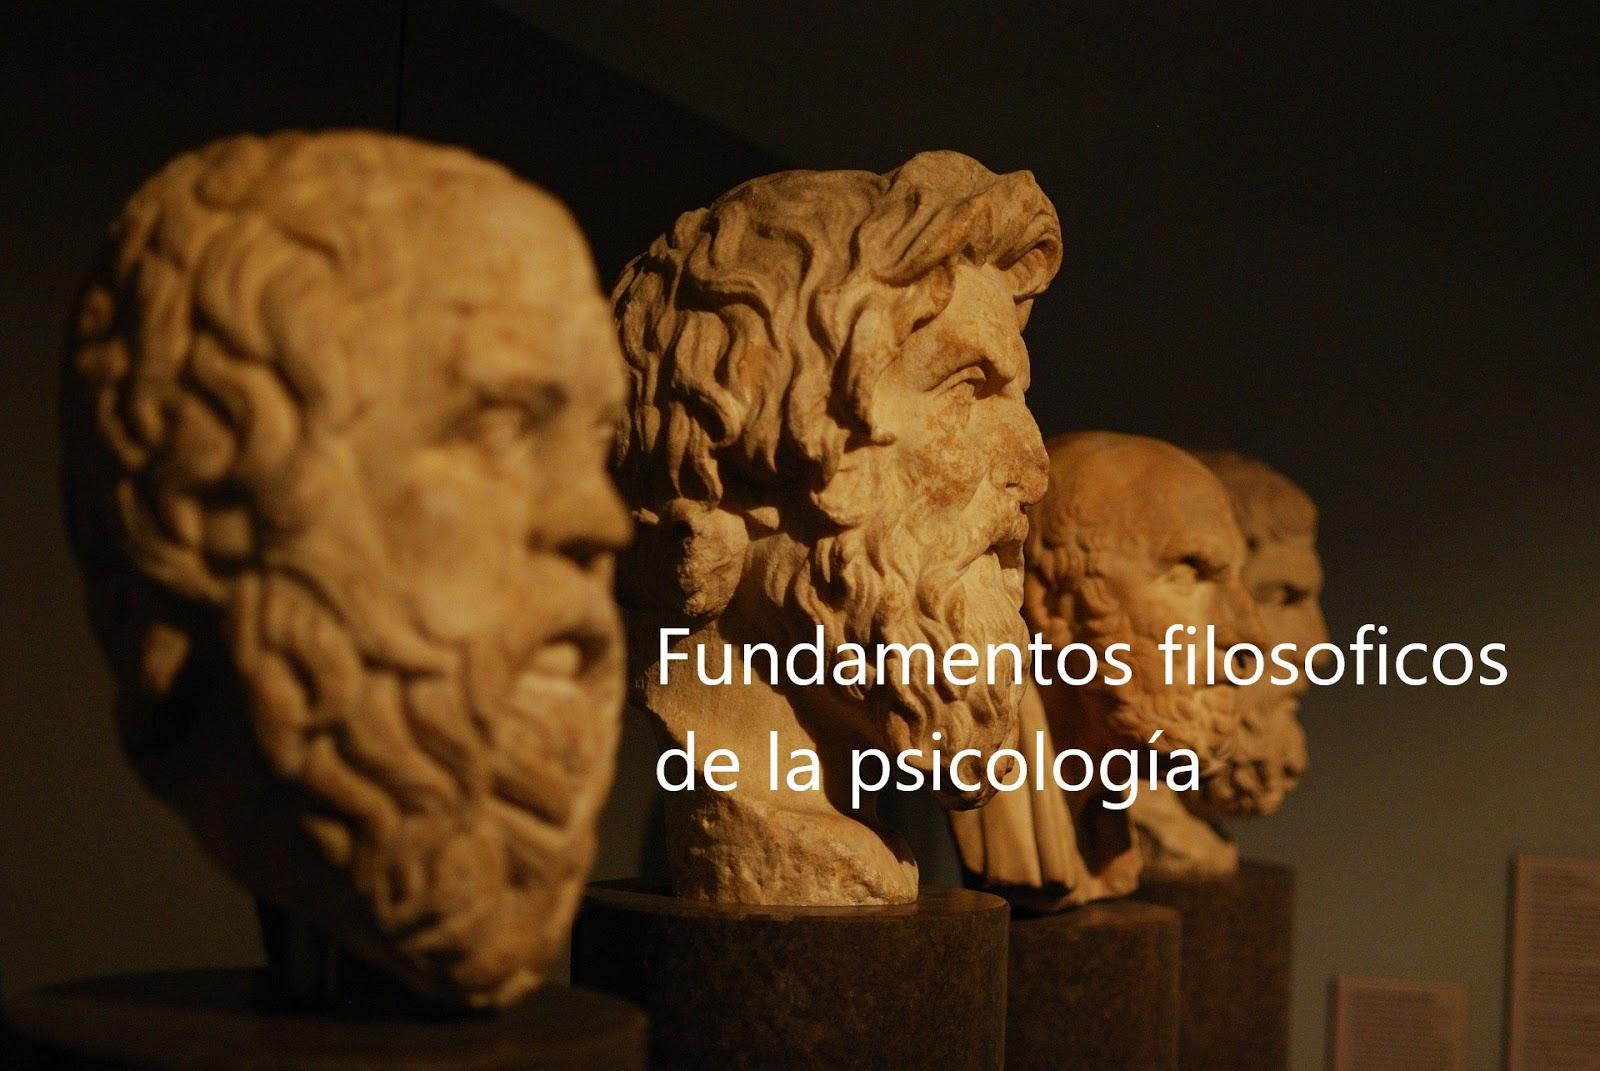 [PDF] Fundamentos filosóficos de la Psicología, Arturo Silva.